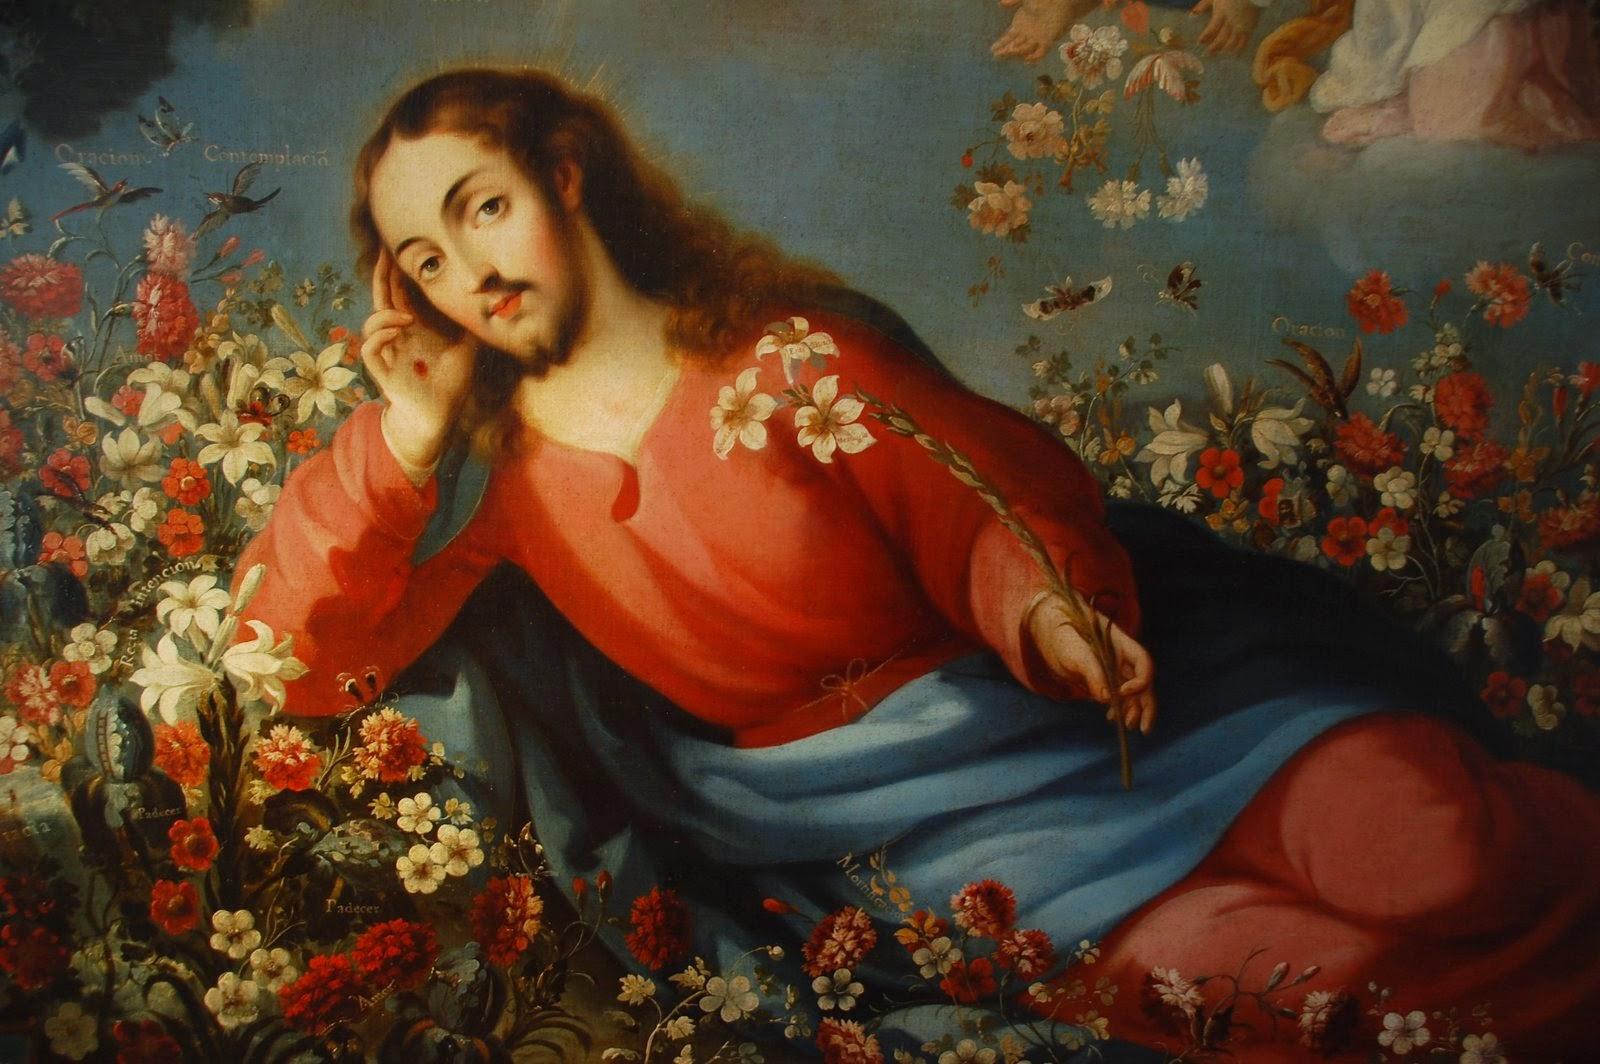 Matrimonio Catolico Definicion : Sin dioses abril